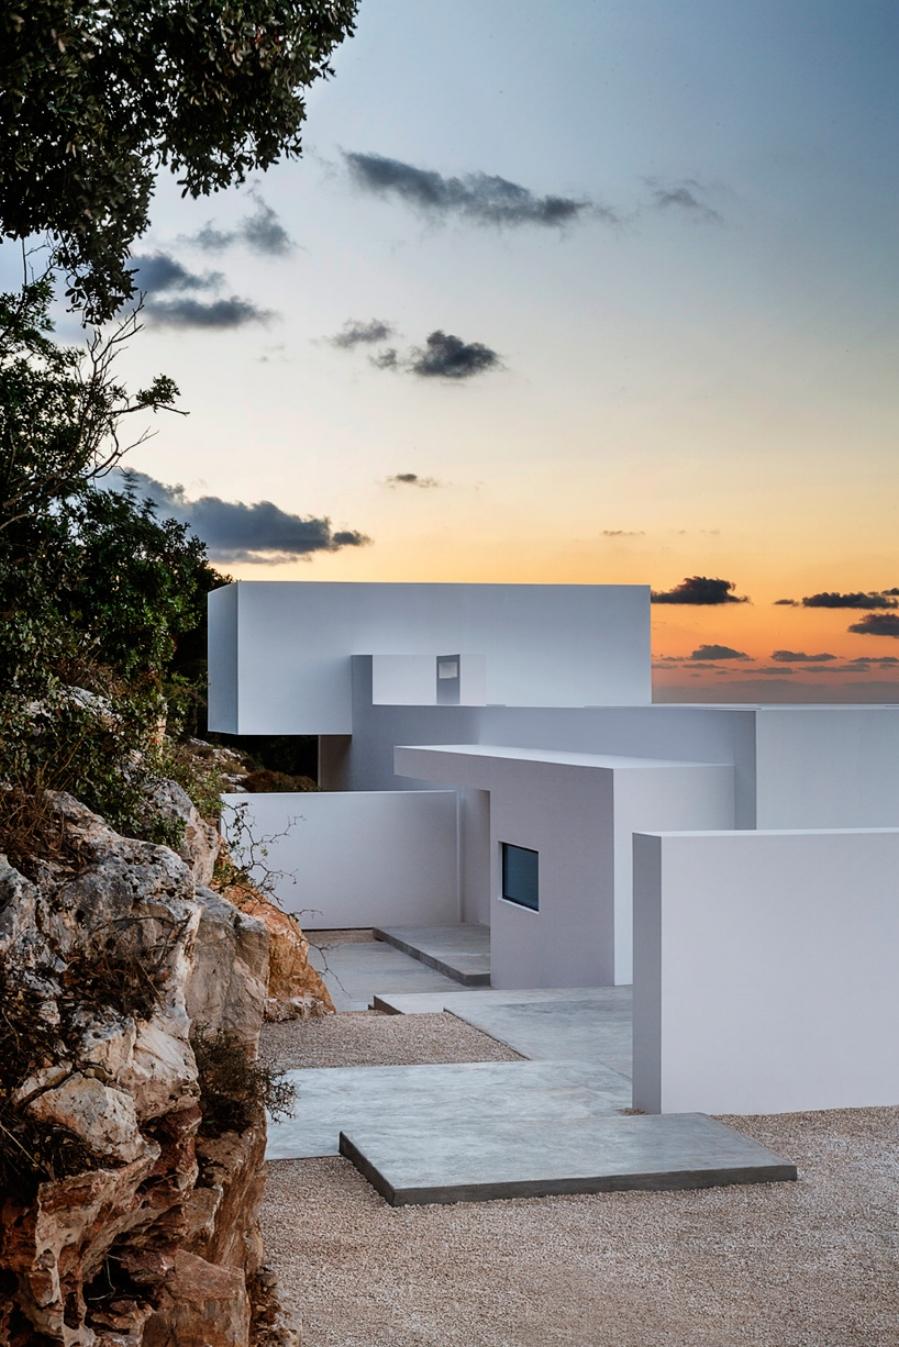 Olivier-Dwek-Architecture-Interior-Inspiration-2.jpg